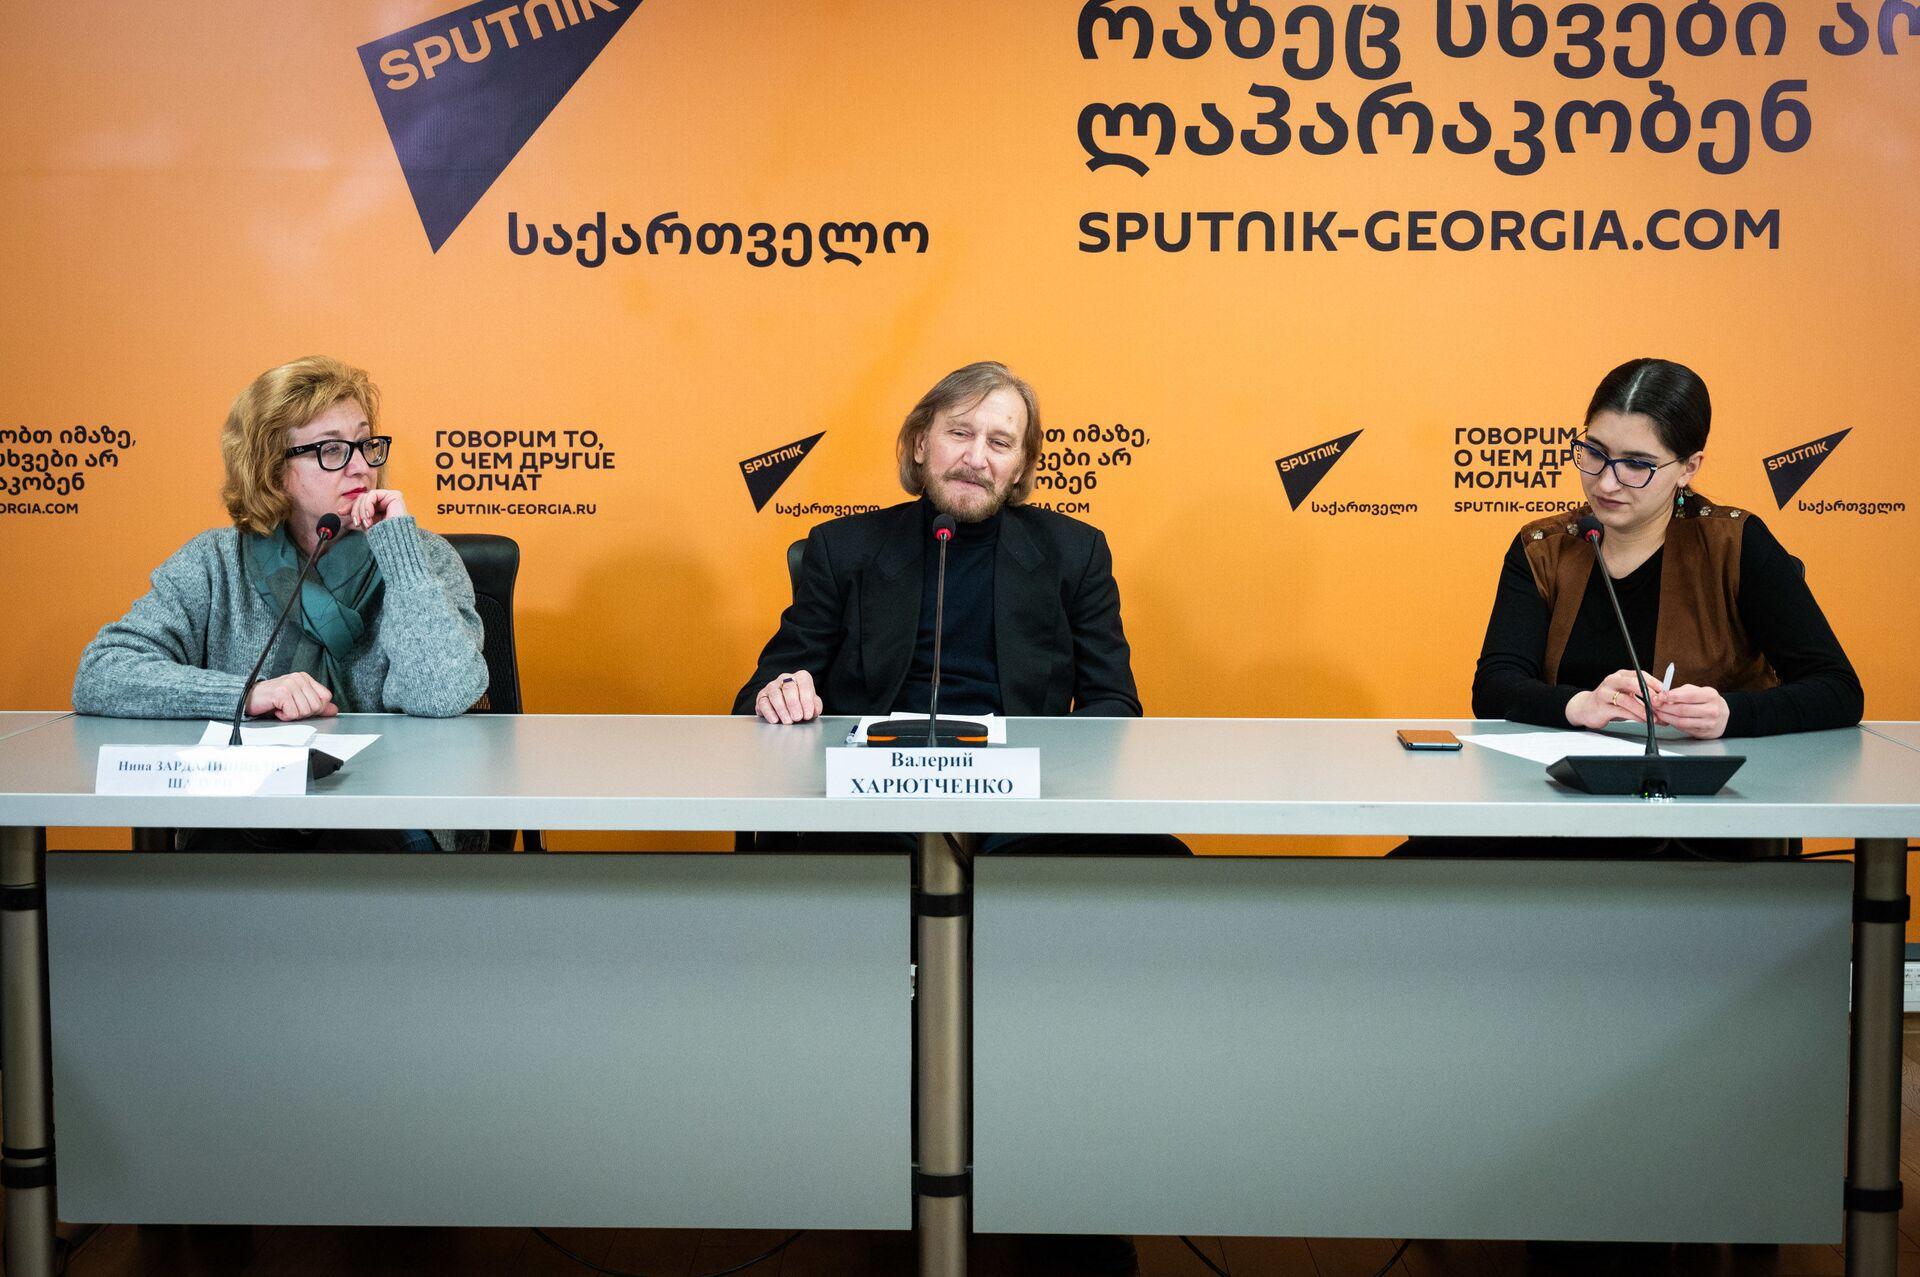 Записки сумасшедшего Гоголя на грузинской сцене: что это будет? - Sputnik Грузия, 1920, 01.04.2021